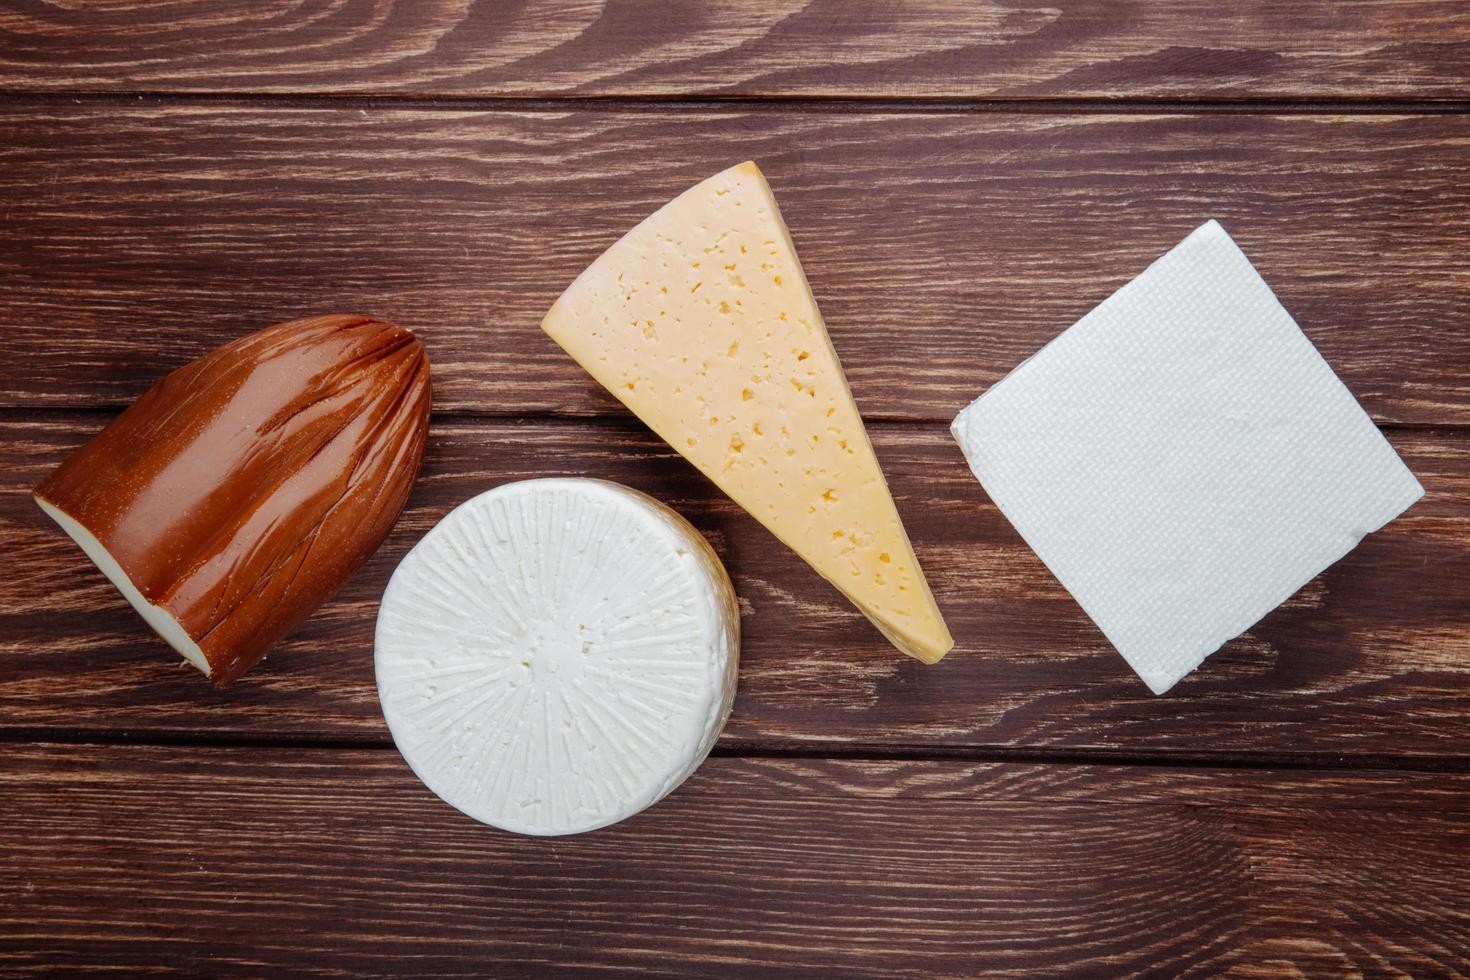 Vista superior de diferentes tipos de quesos sobre fondo de madera rústica foto